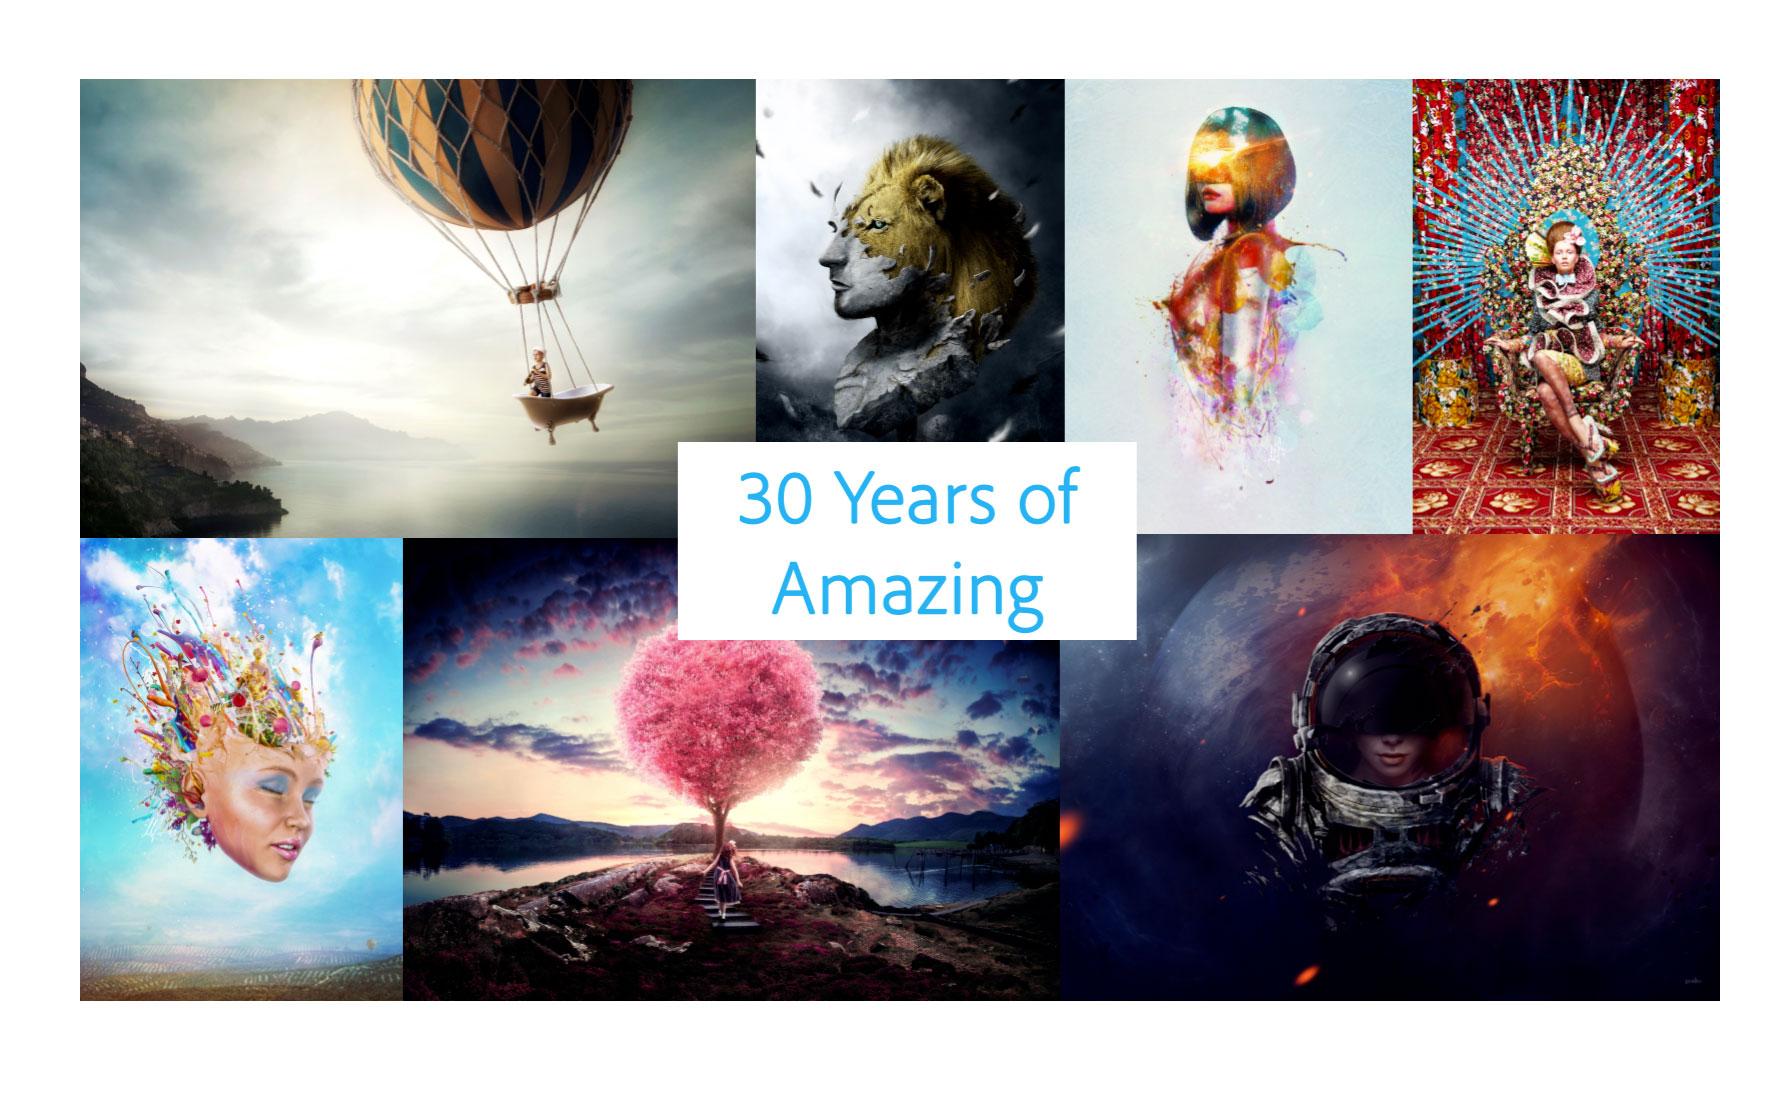 Adobe Photoshop fête ses 30 ans, et présente deux mises à jour   Lense